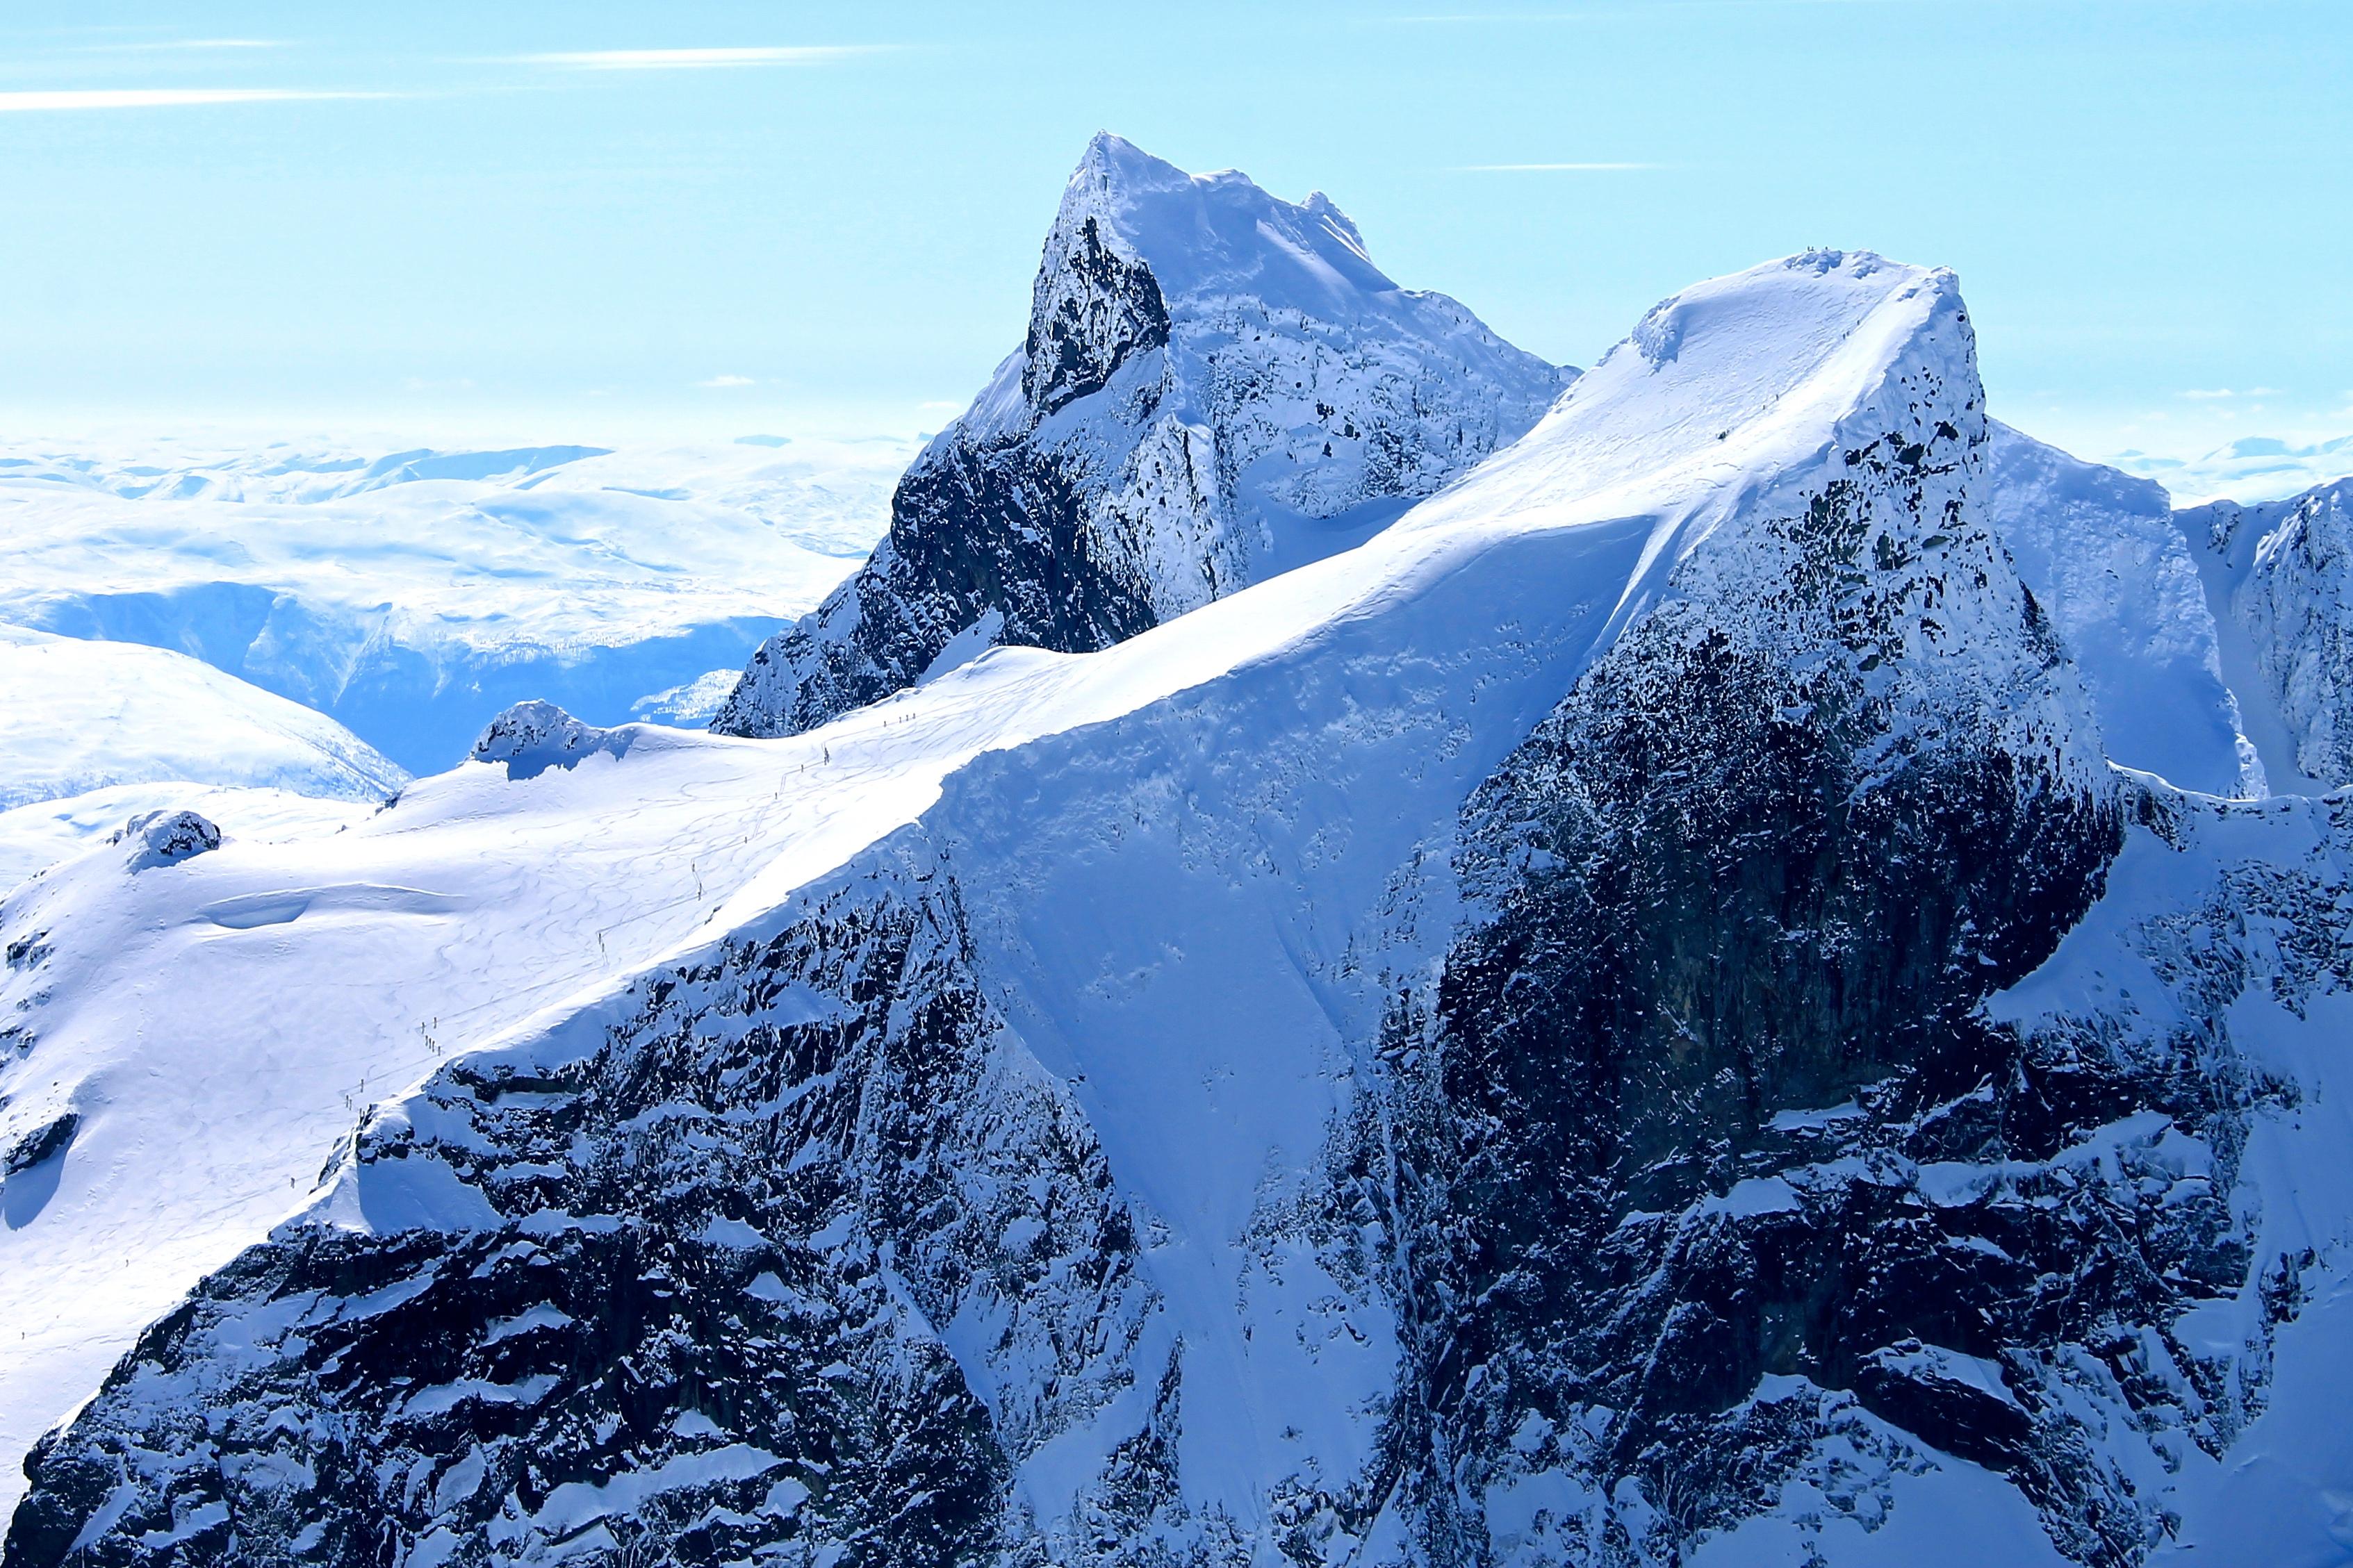 Store Ringstind i Hurrungane er regnet som den mest spektakulære toppturen i området.